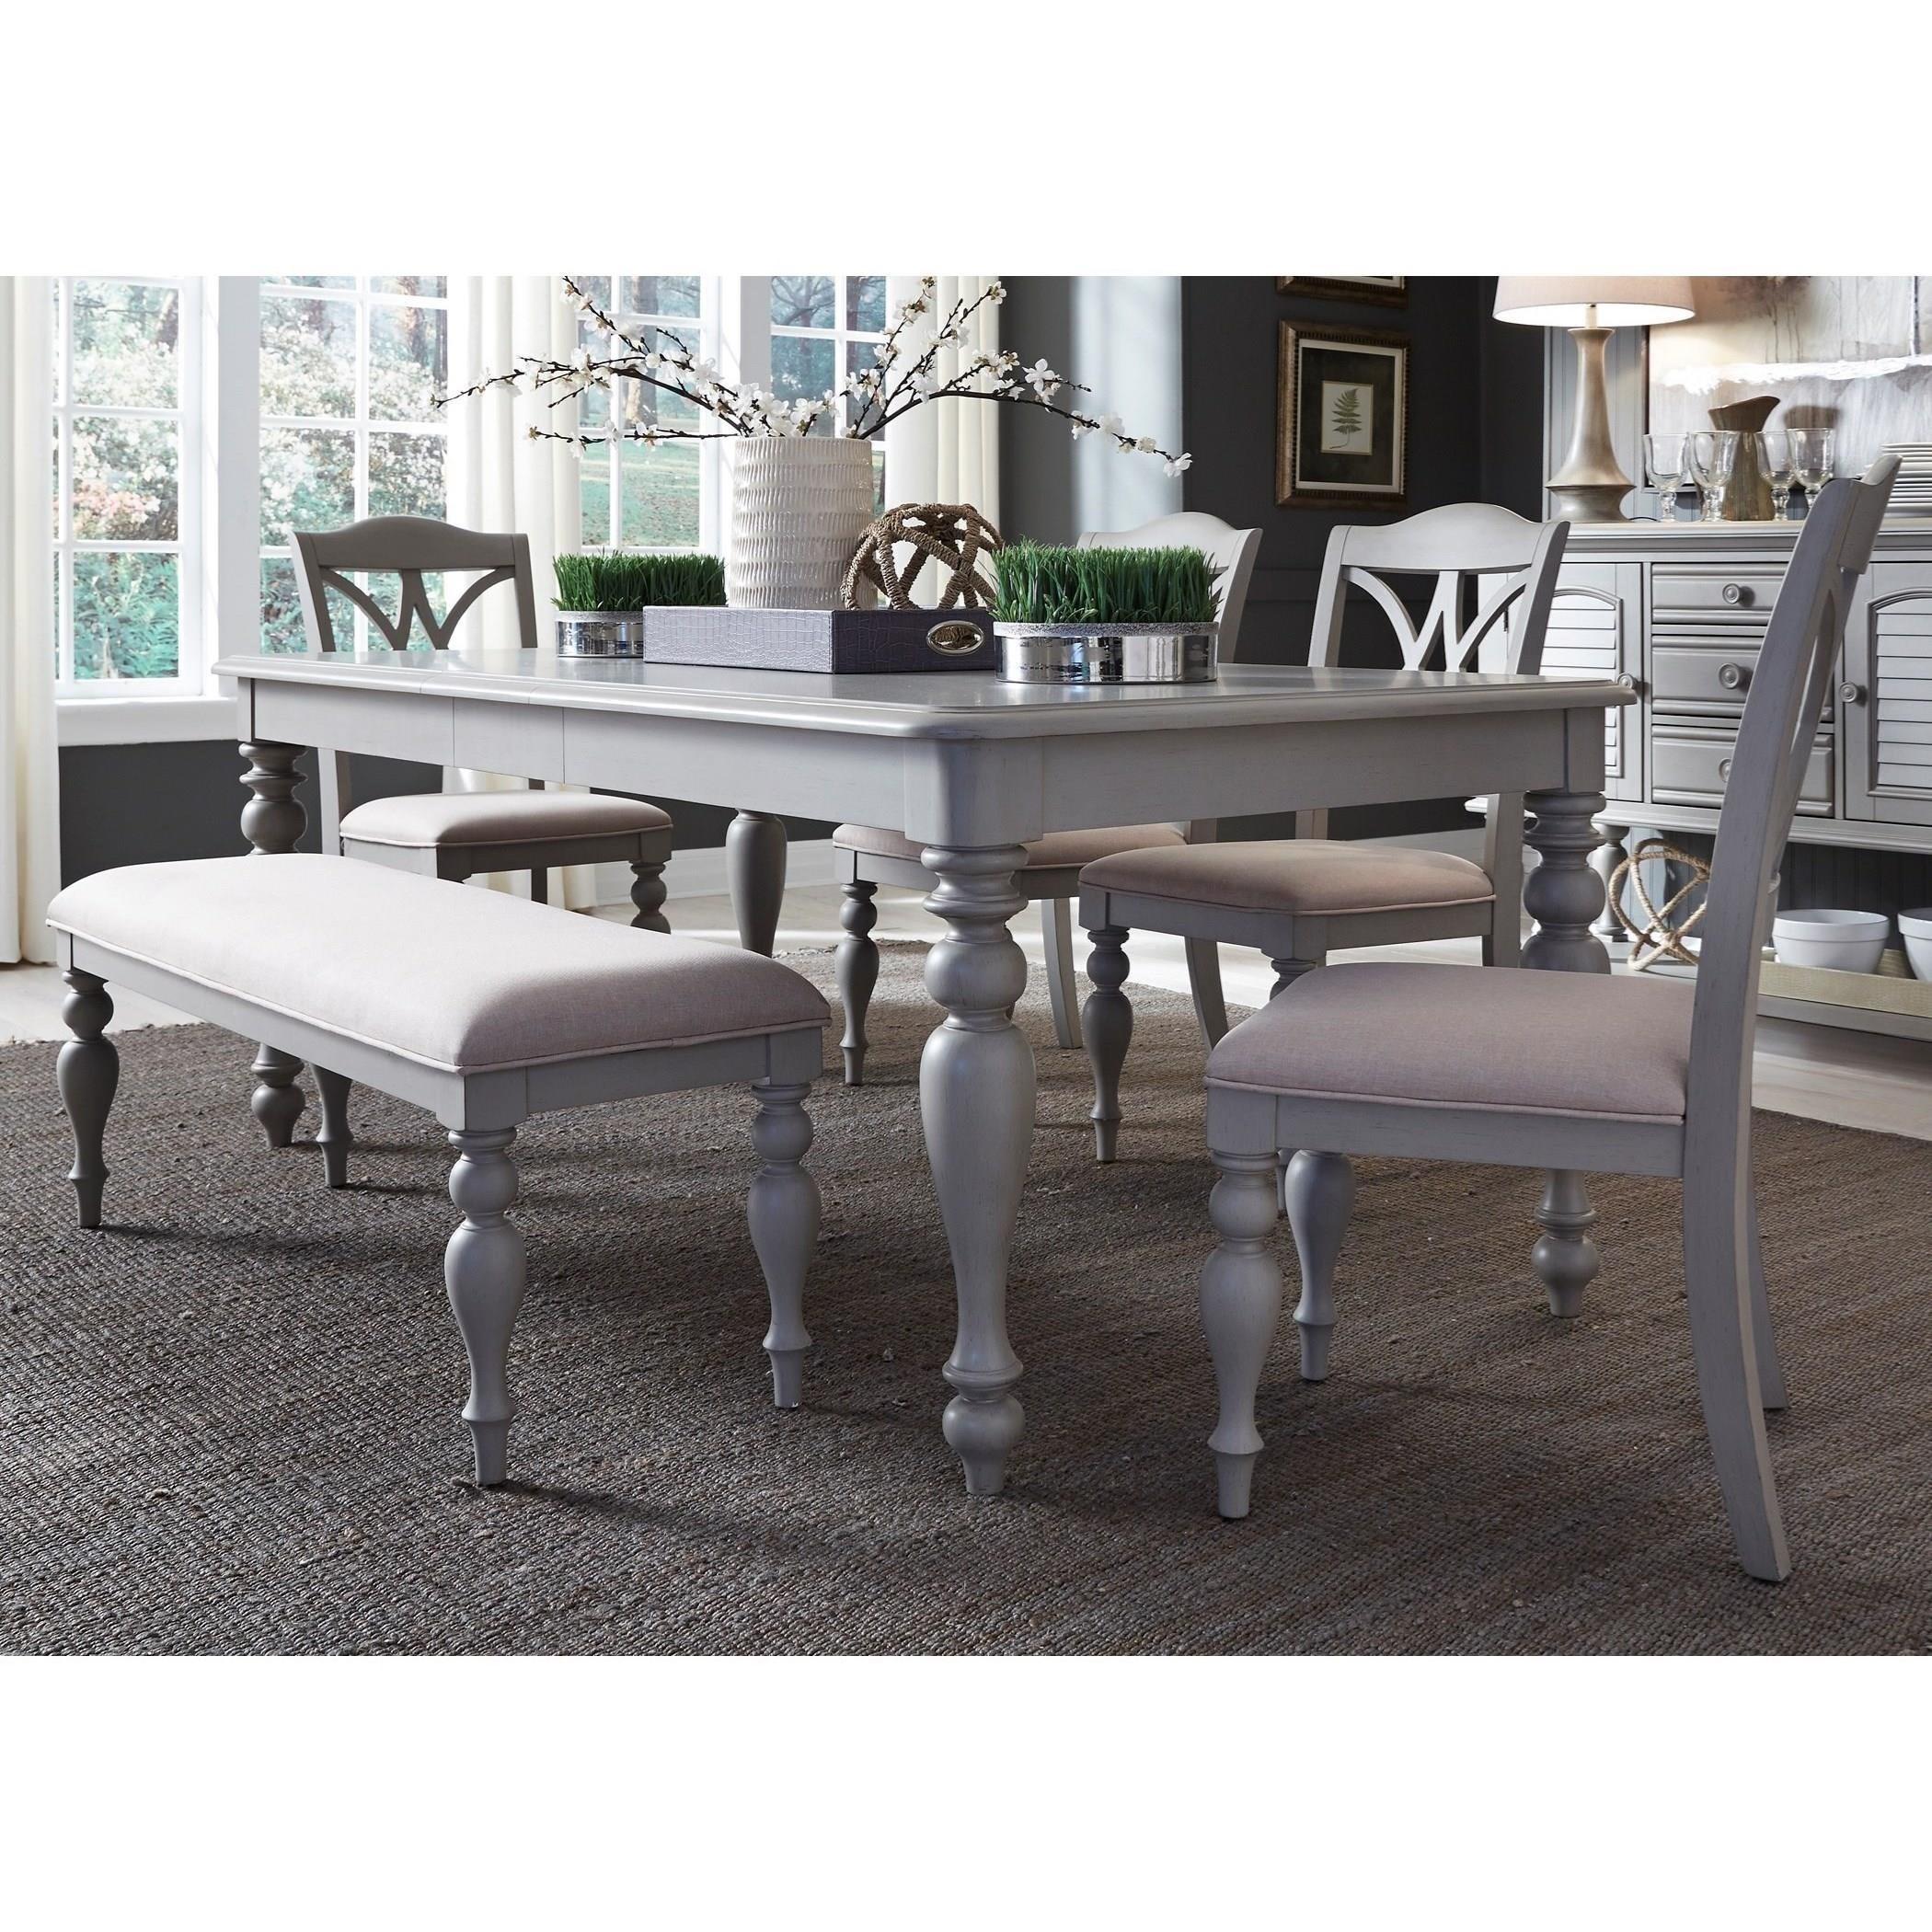 Liberty Furniture Summer House Dining6 Piece Rectangular Table Set